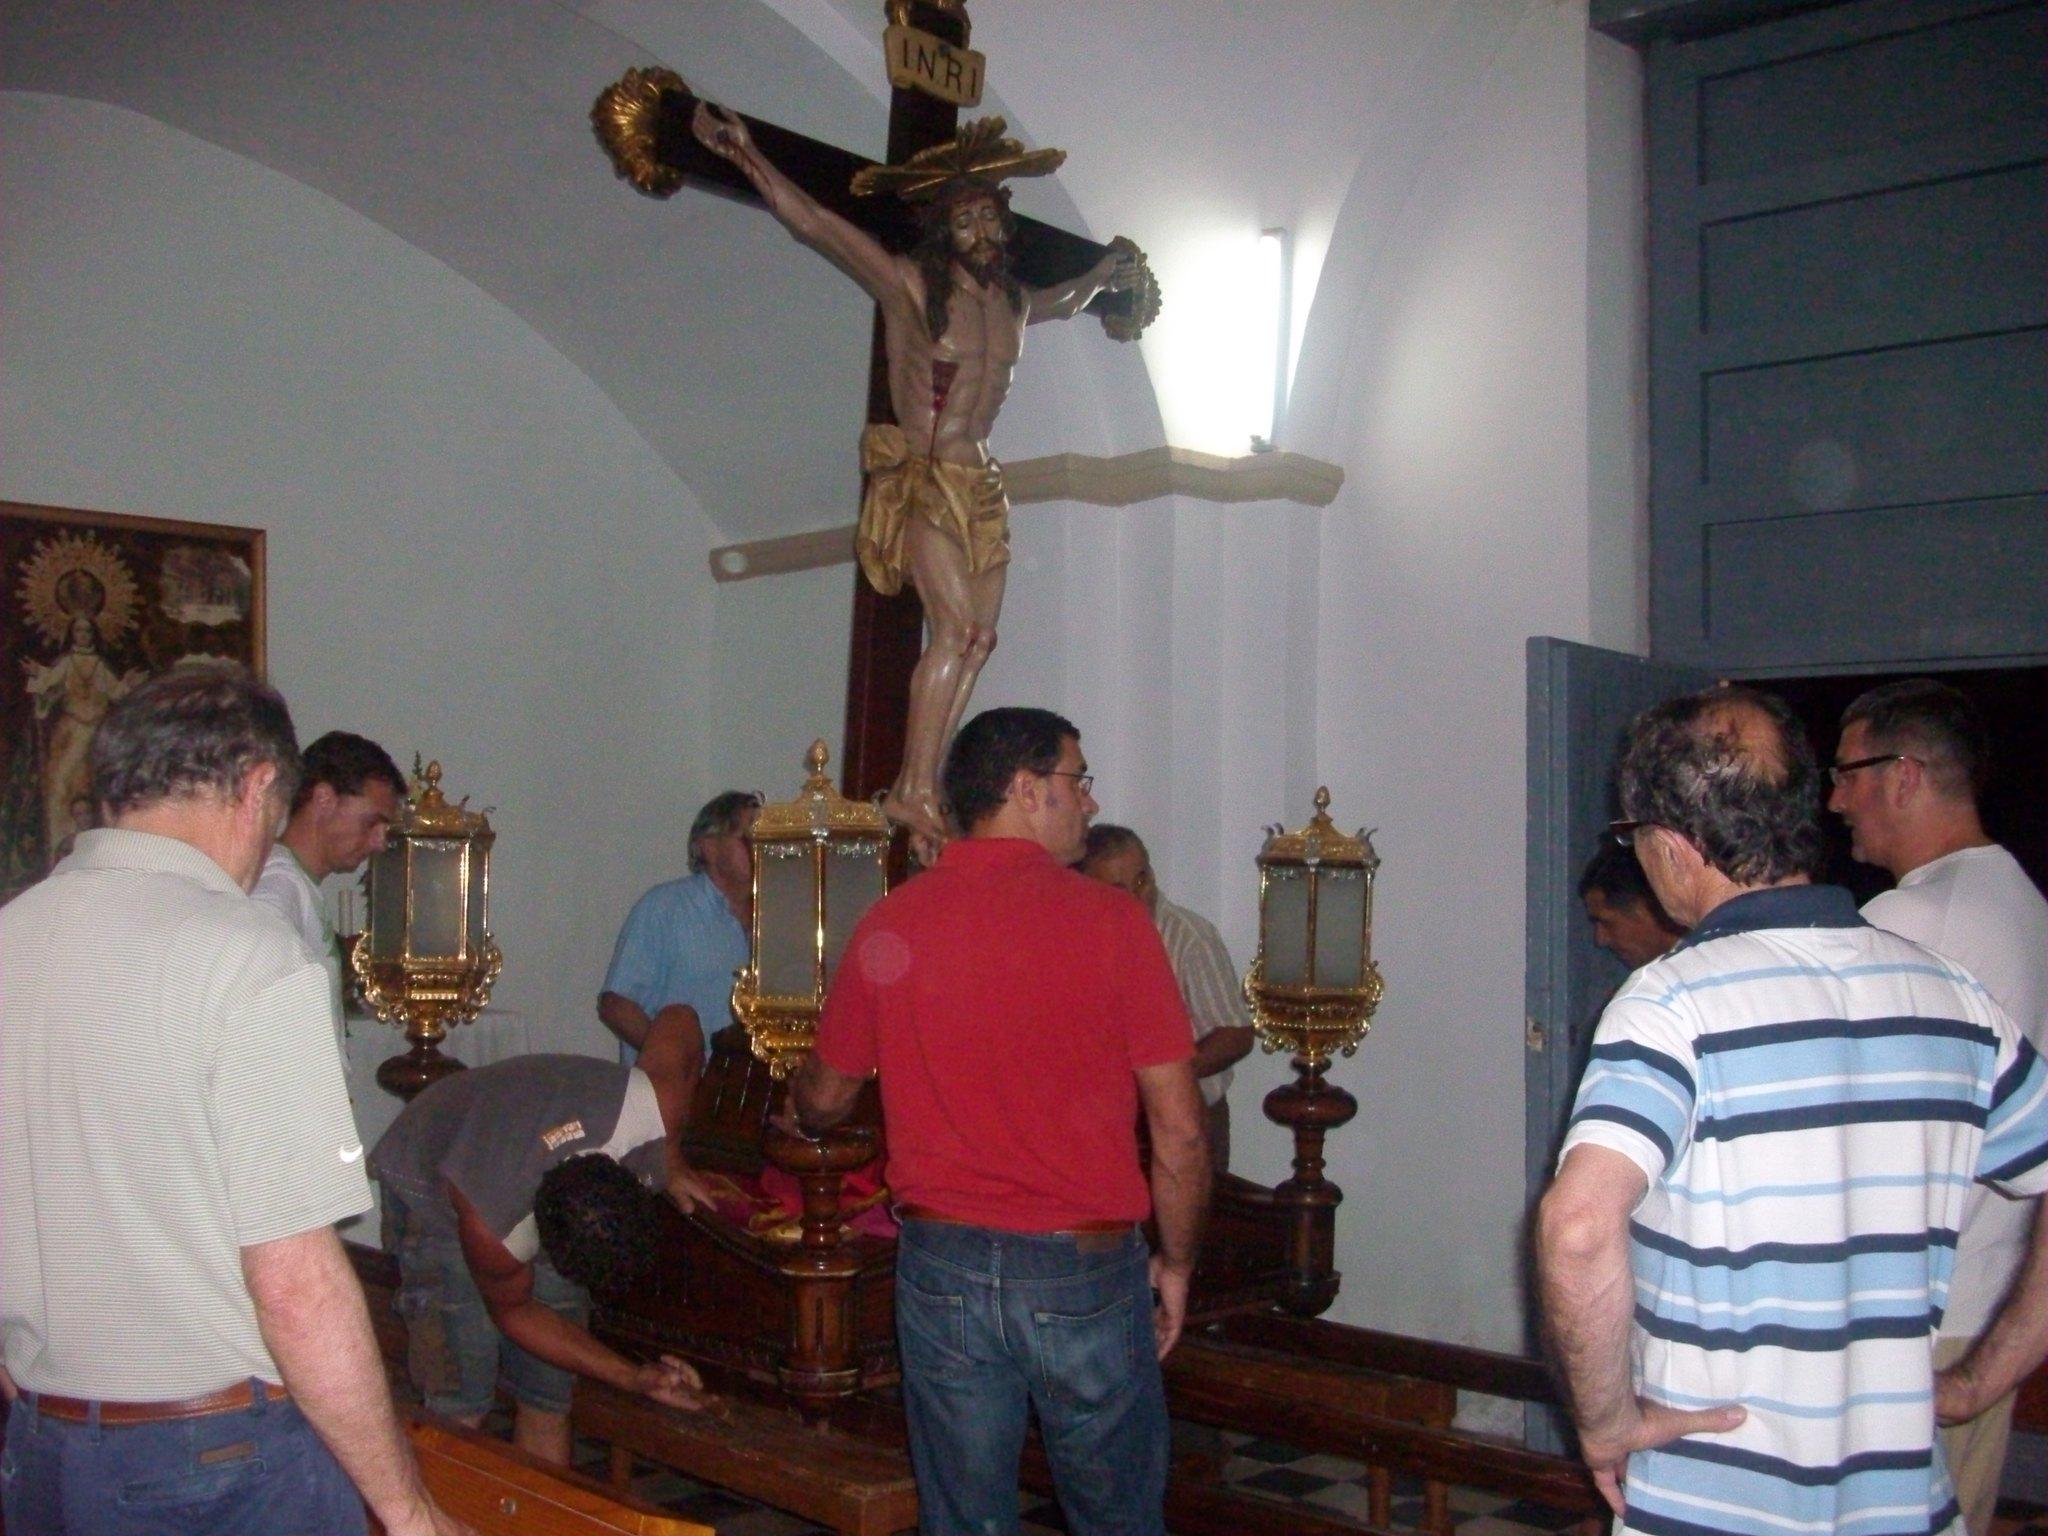 (2010-06-22) - Preparativos Imagen - Javier Romero Ripoll - (10)